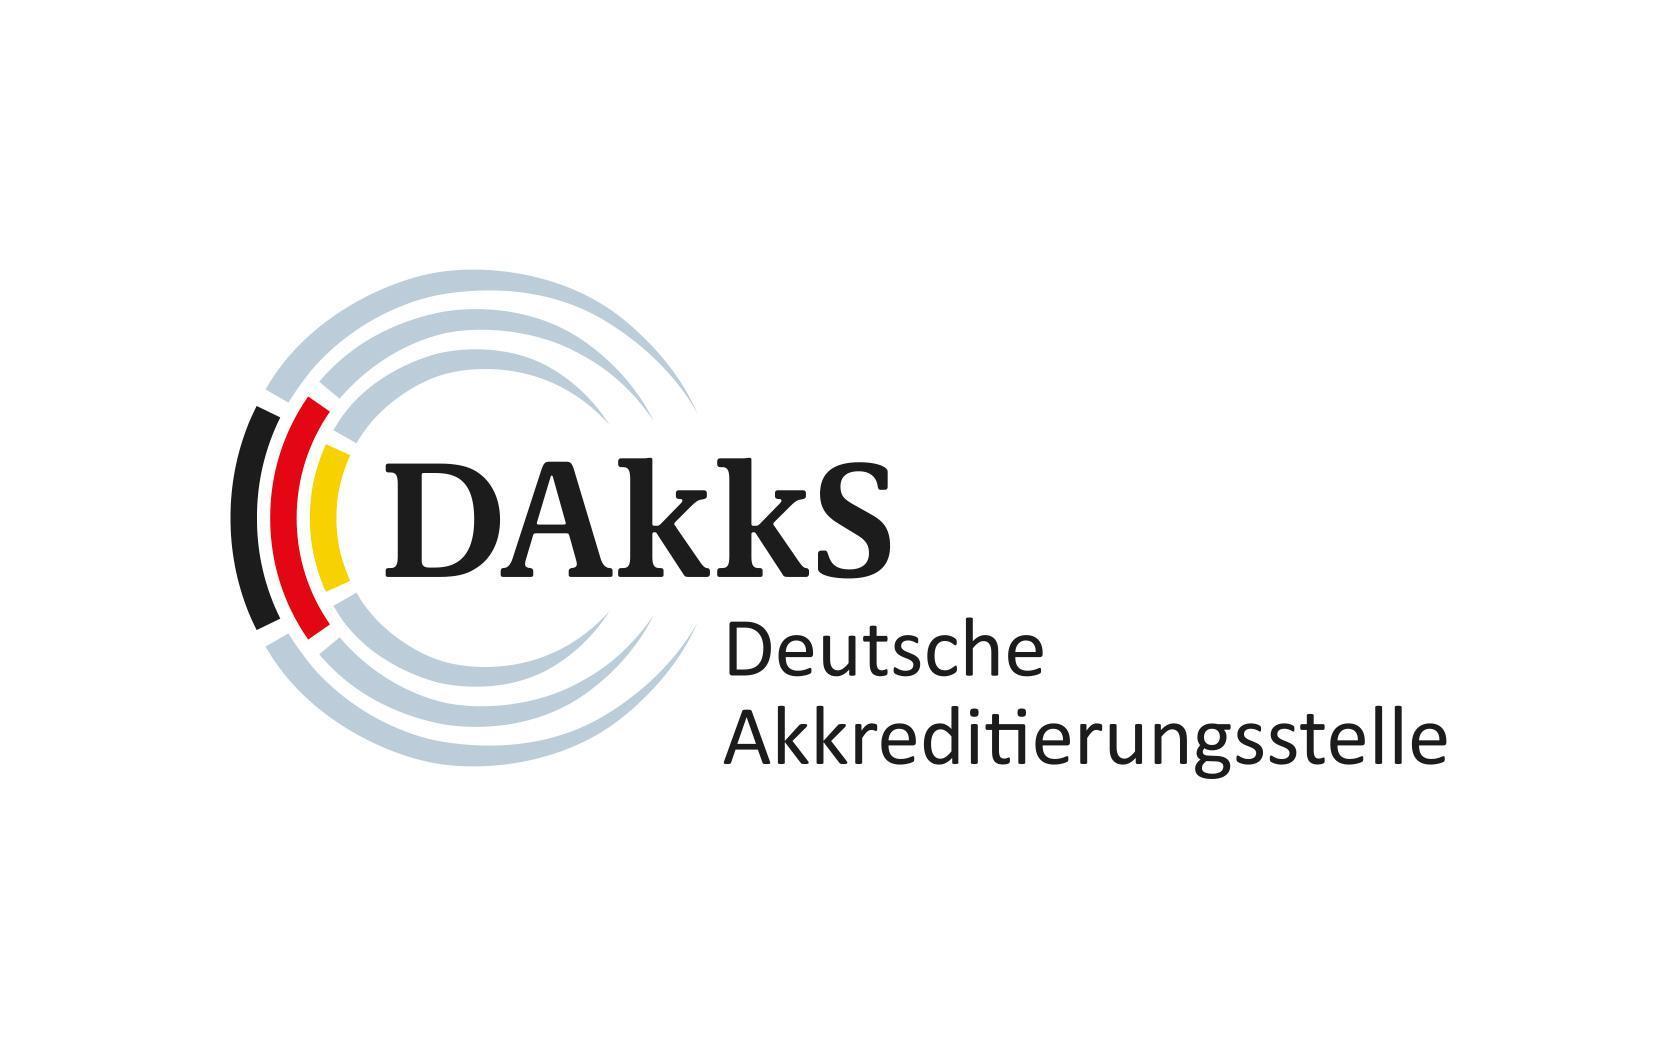 Logo Deutsche Akkreditierungsstelle (DAkkS)